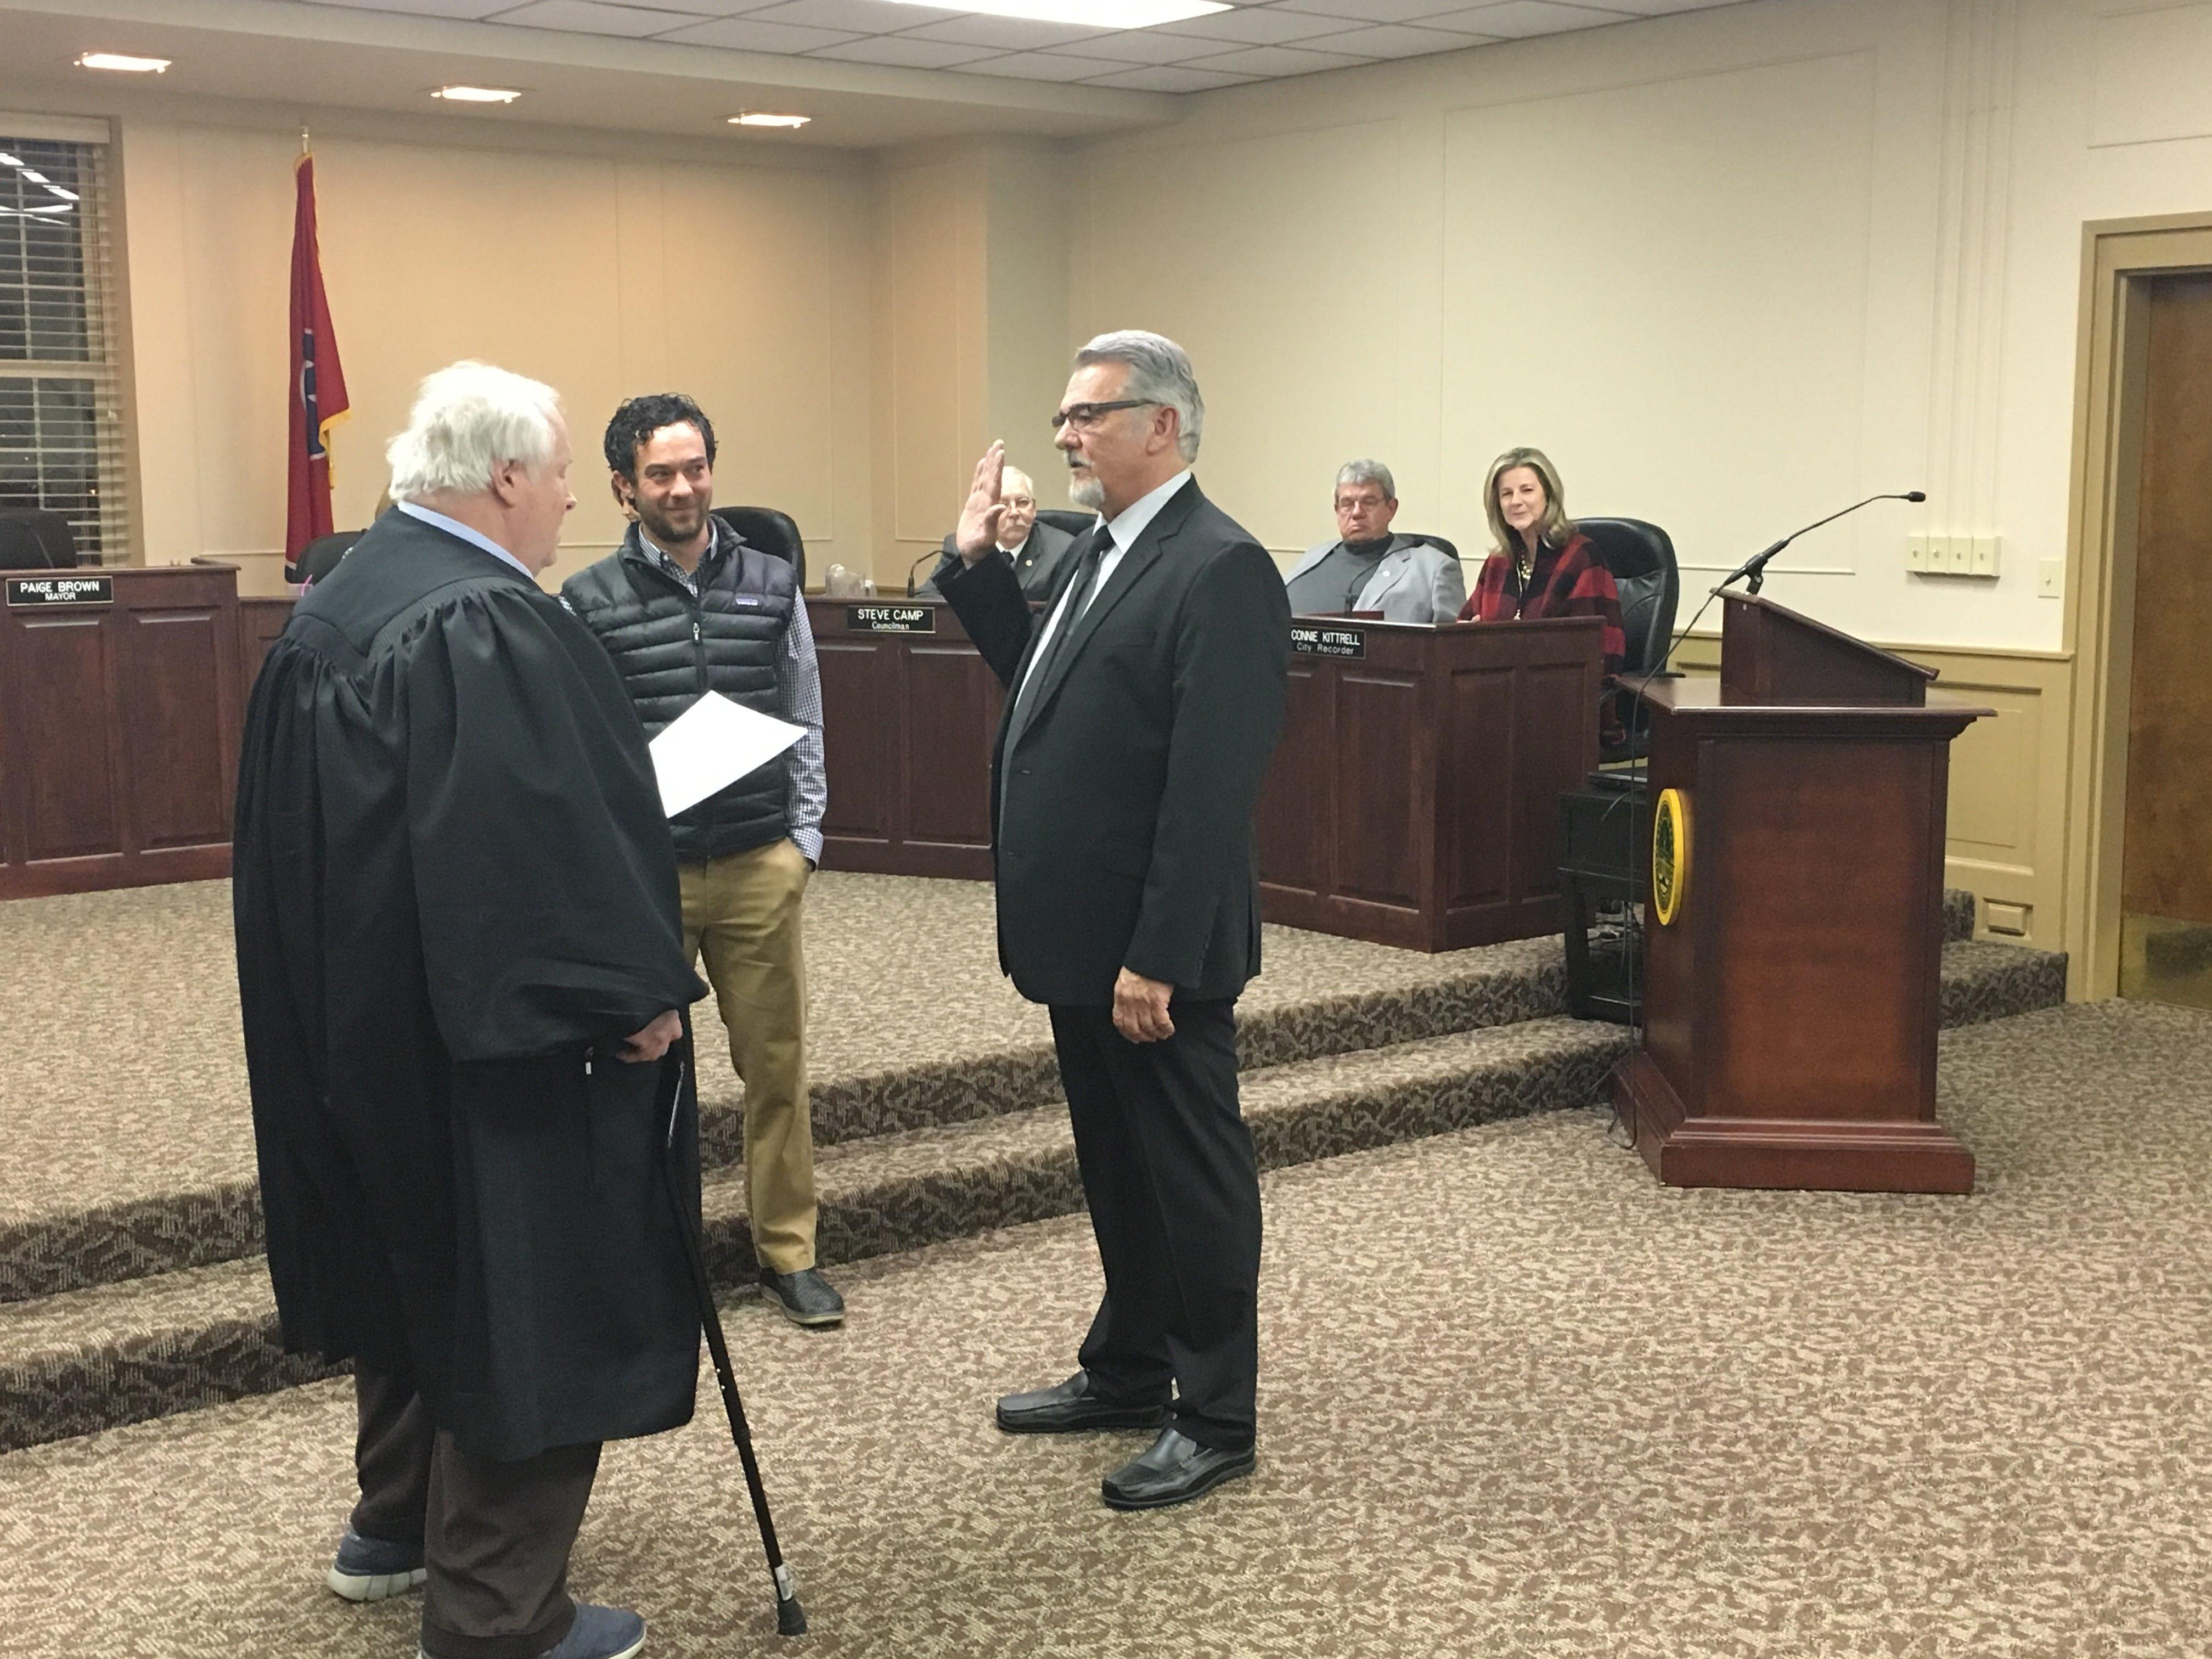 Steve Fann is sworn in as councilman at large in Gallatin on Jan. 15, 2019.